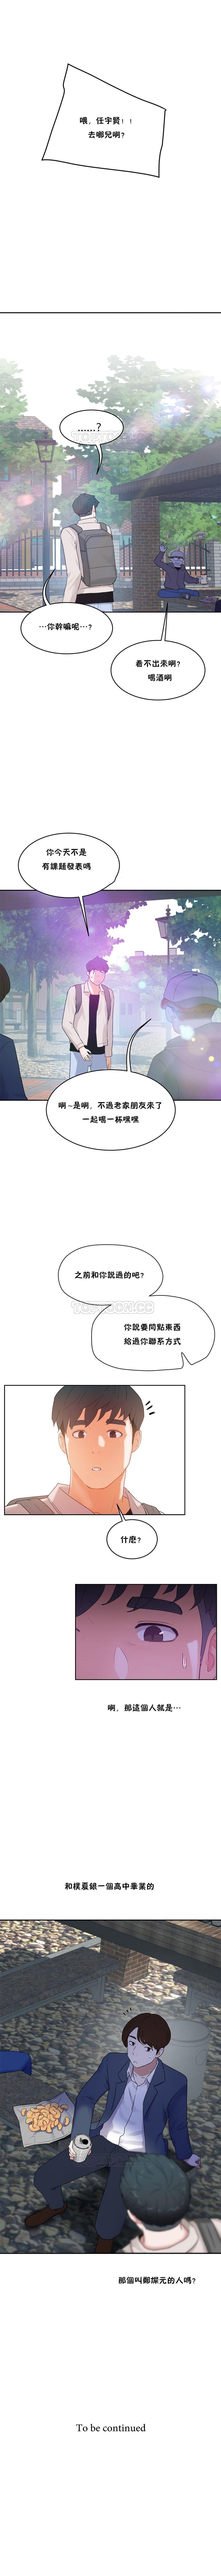 性教育 1-48.5 中文翻译(完結) 273